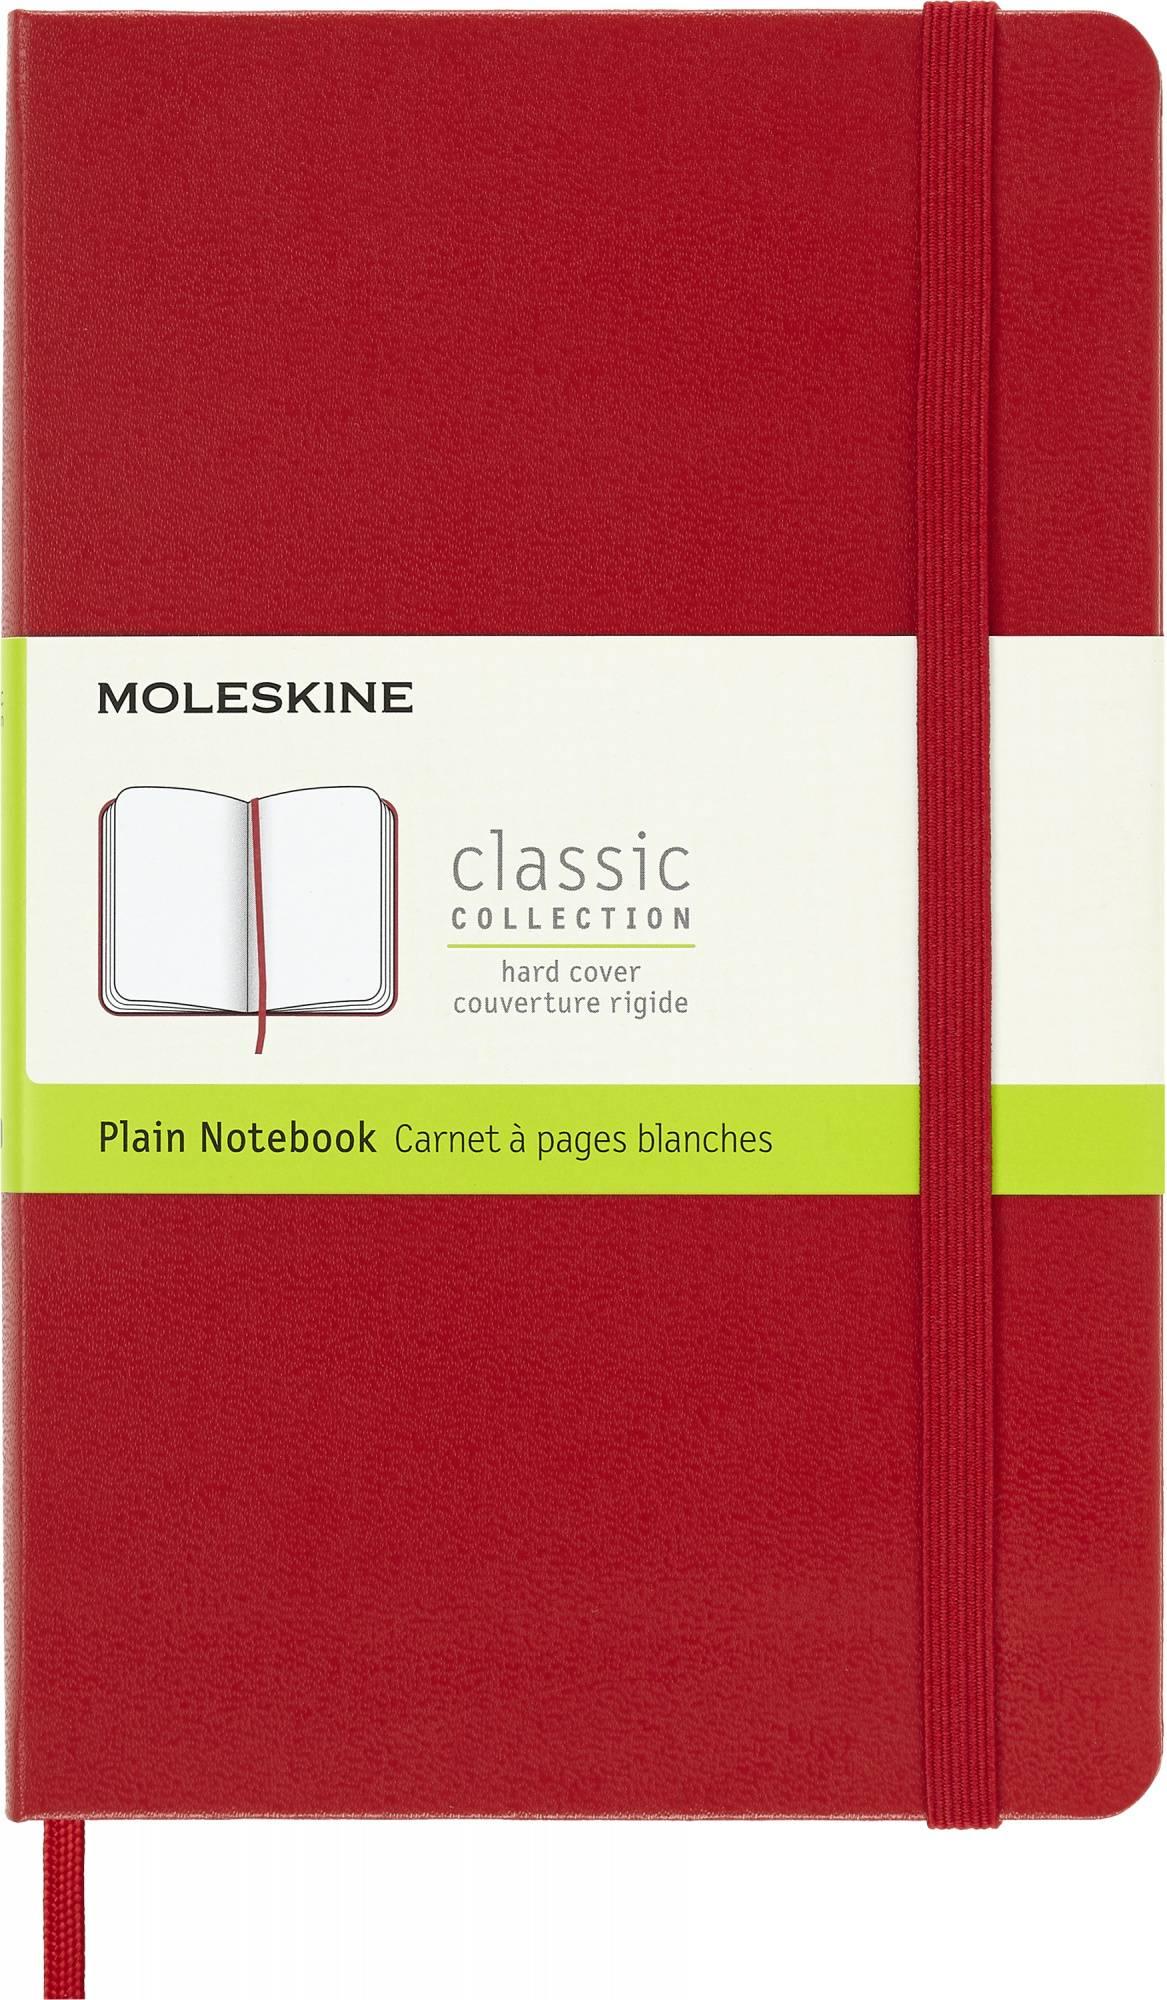 Блокнот Moleskine Classic Medium красный (QP052F2) - фото 1